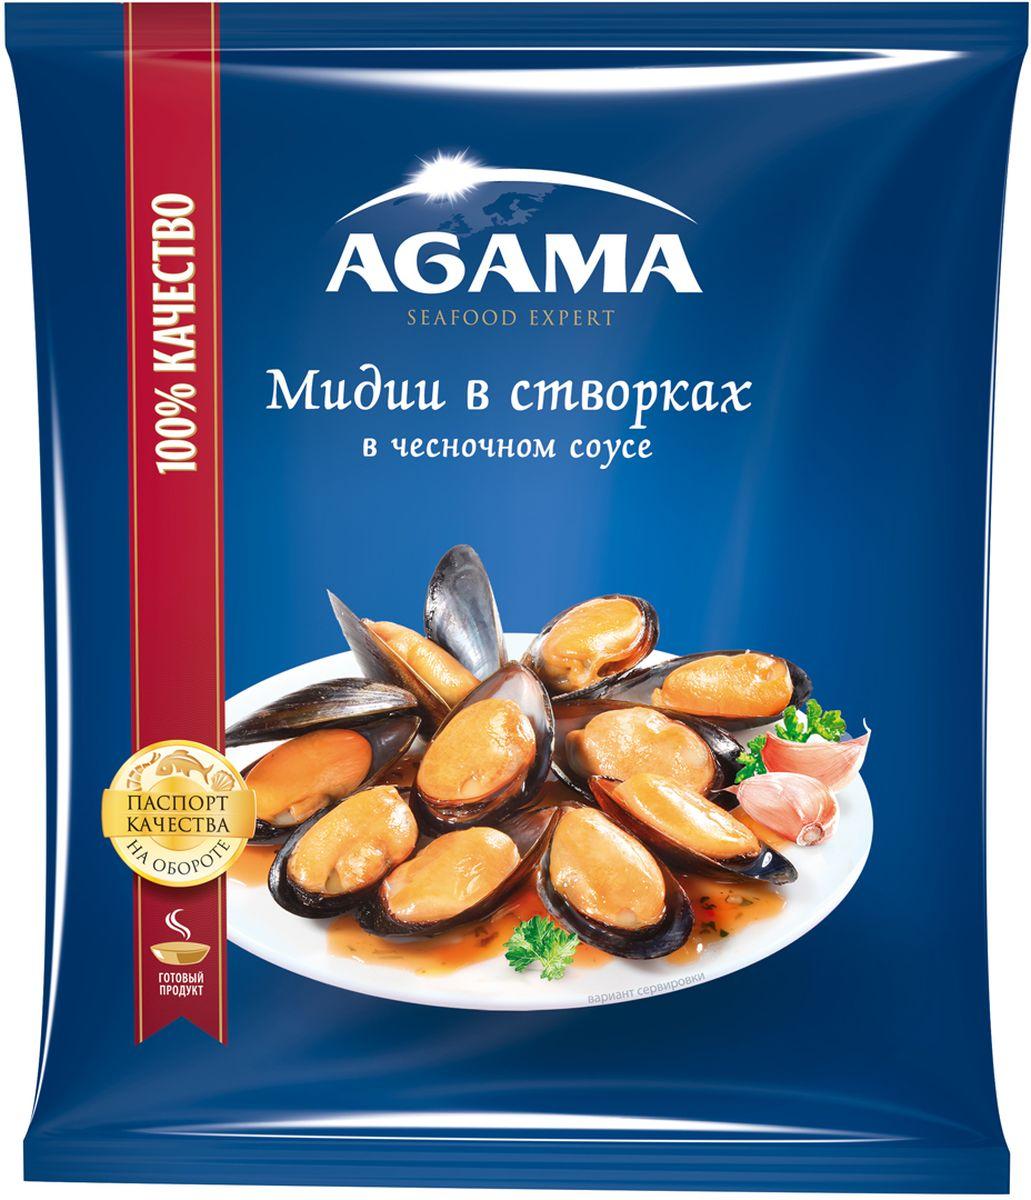 Agama Мидии в створках в чесночном соусе, варено-мороженые, 450 г националь чечевица красная 450 г